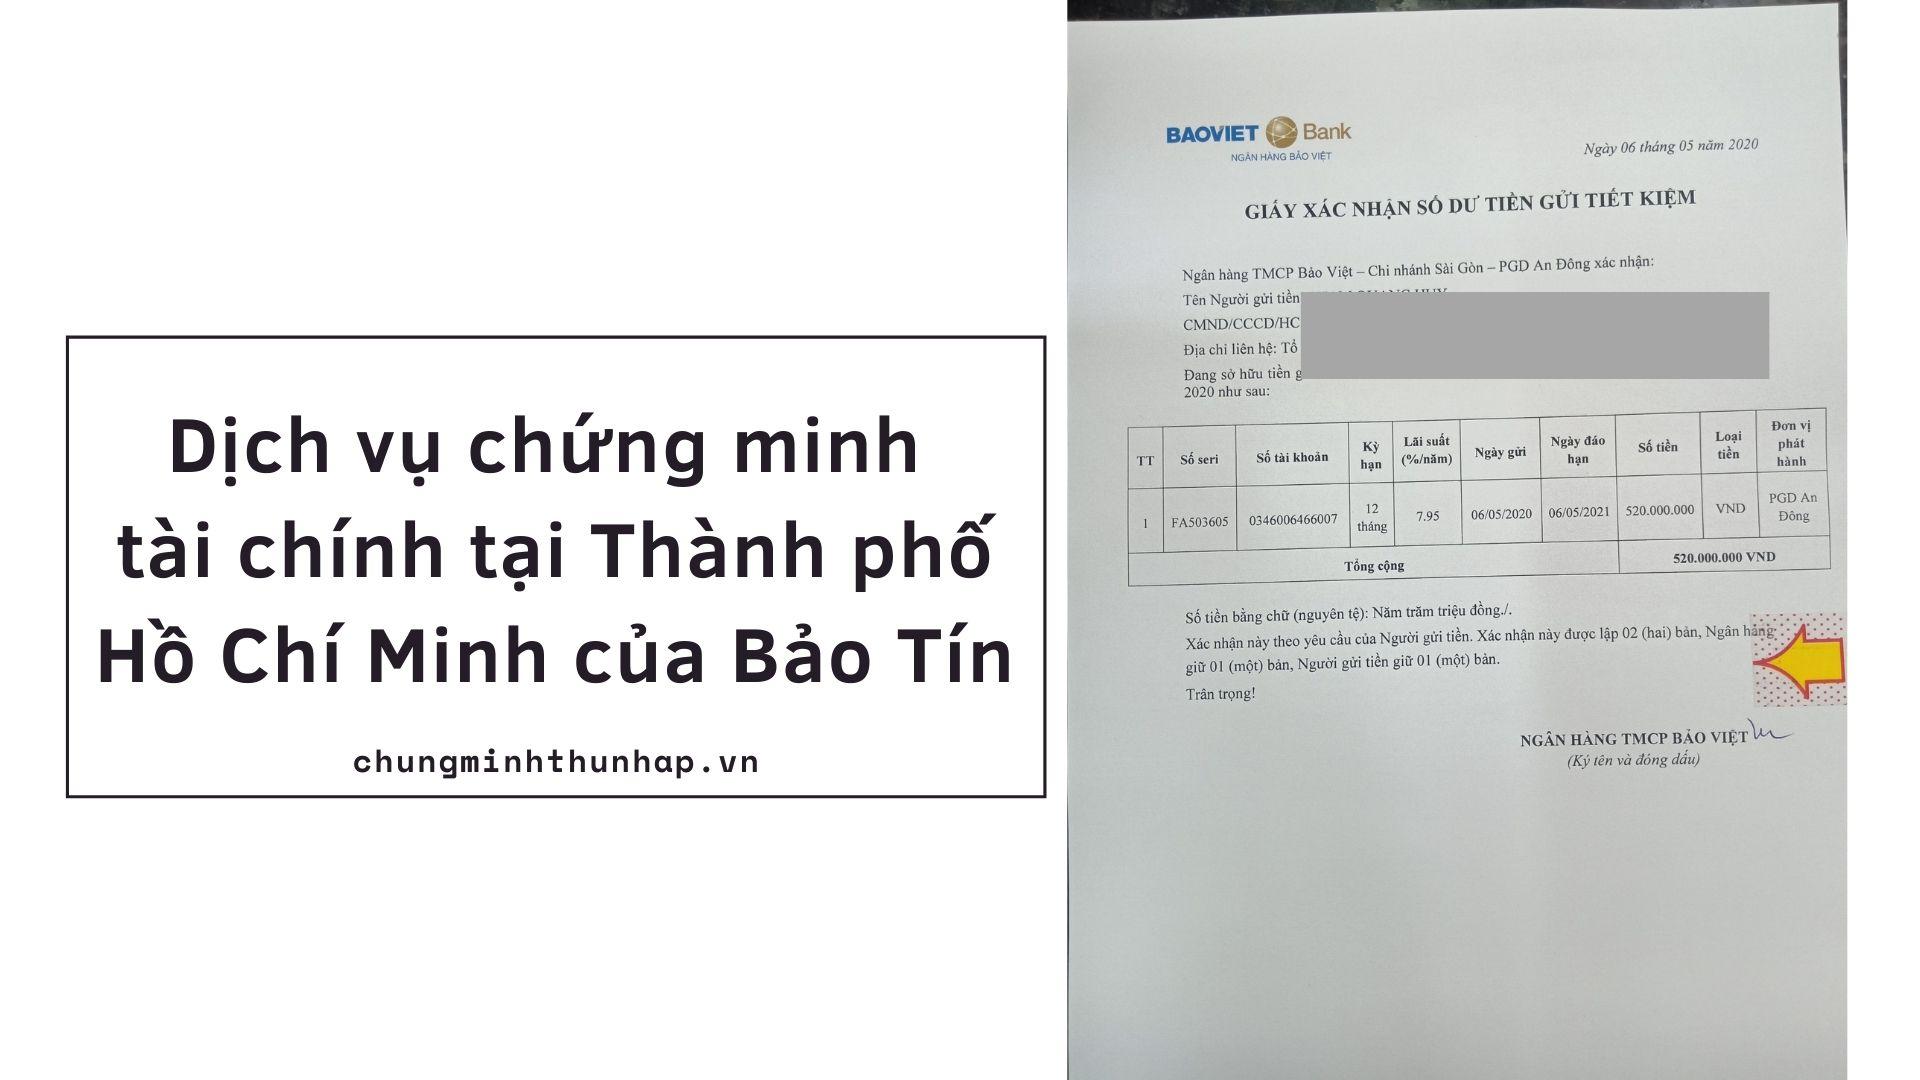 Dịch vụ chứng minh tài chính tại Thành phố Hồ Chí Minh của Bảo Tín